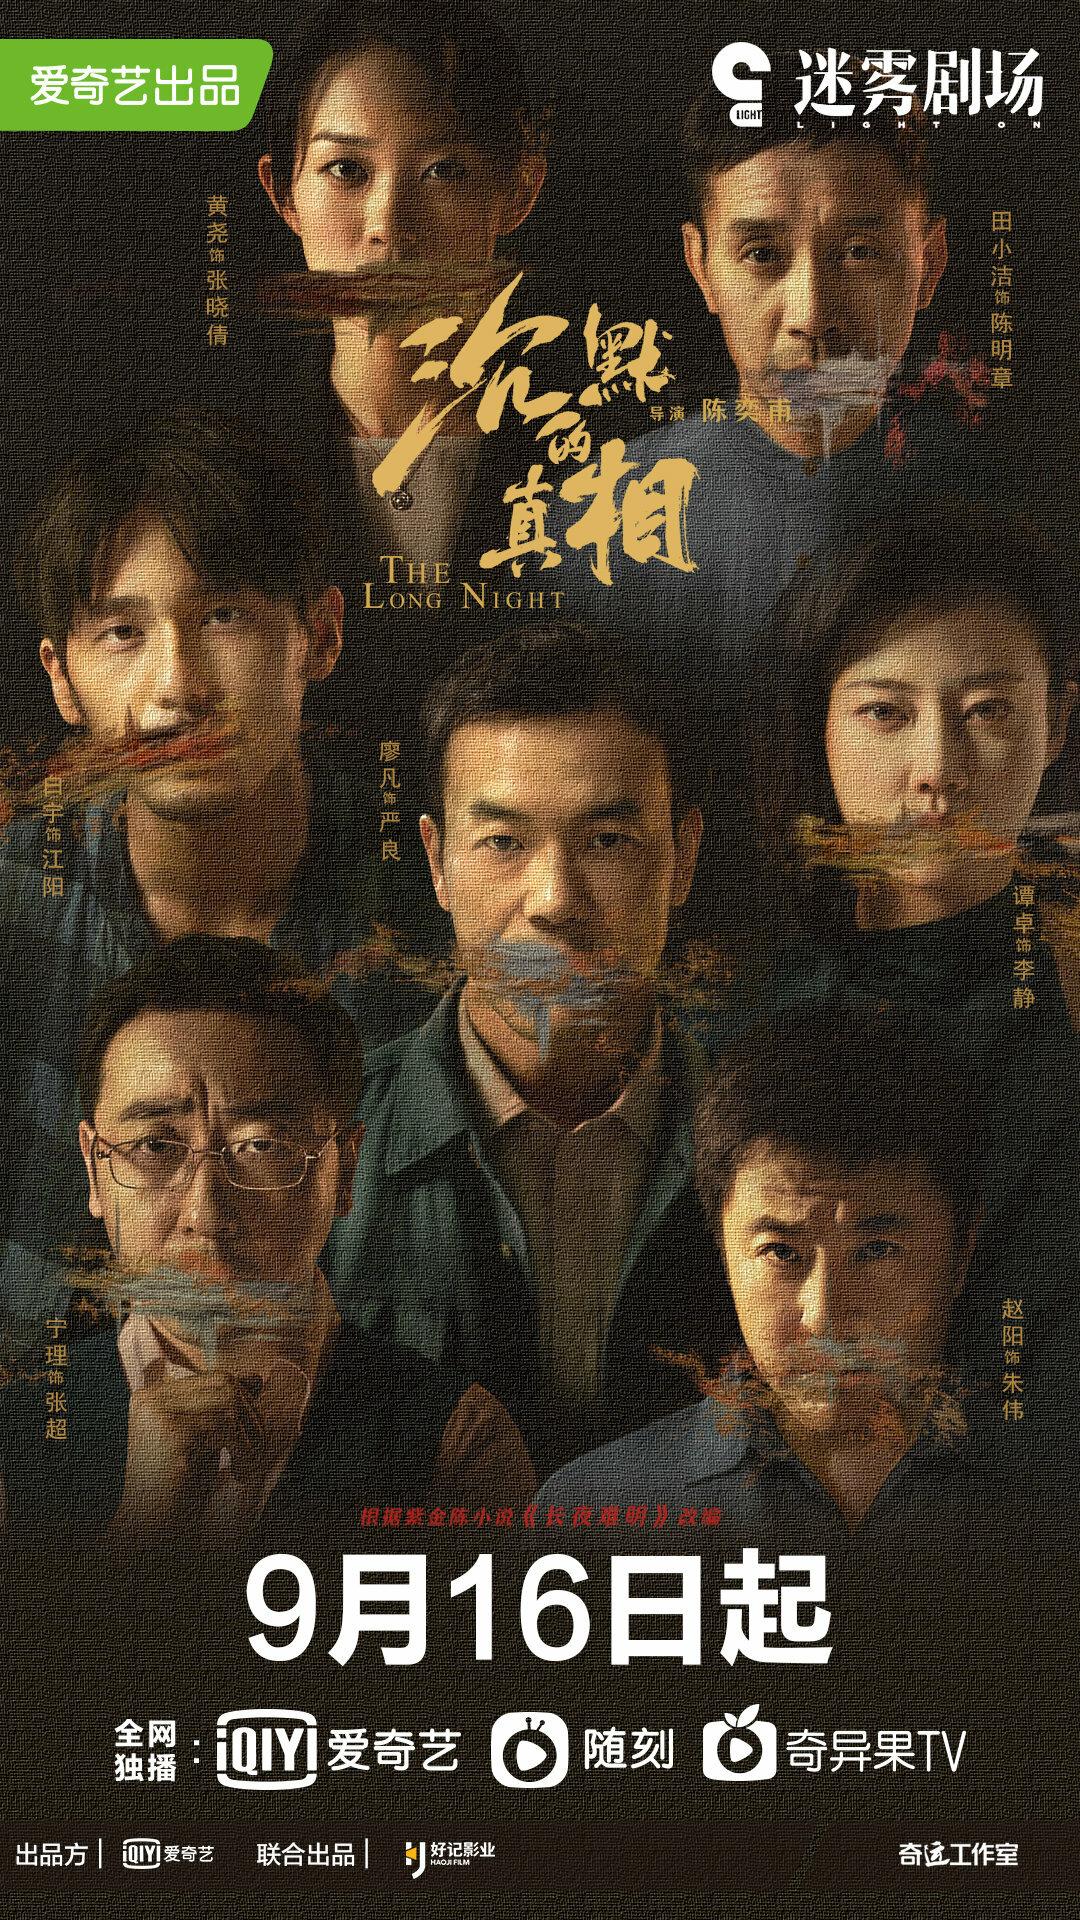 2020年电视剧《沉默的真相》宣传海报。(网络图片)